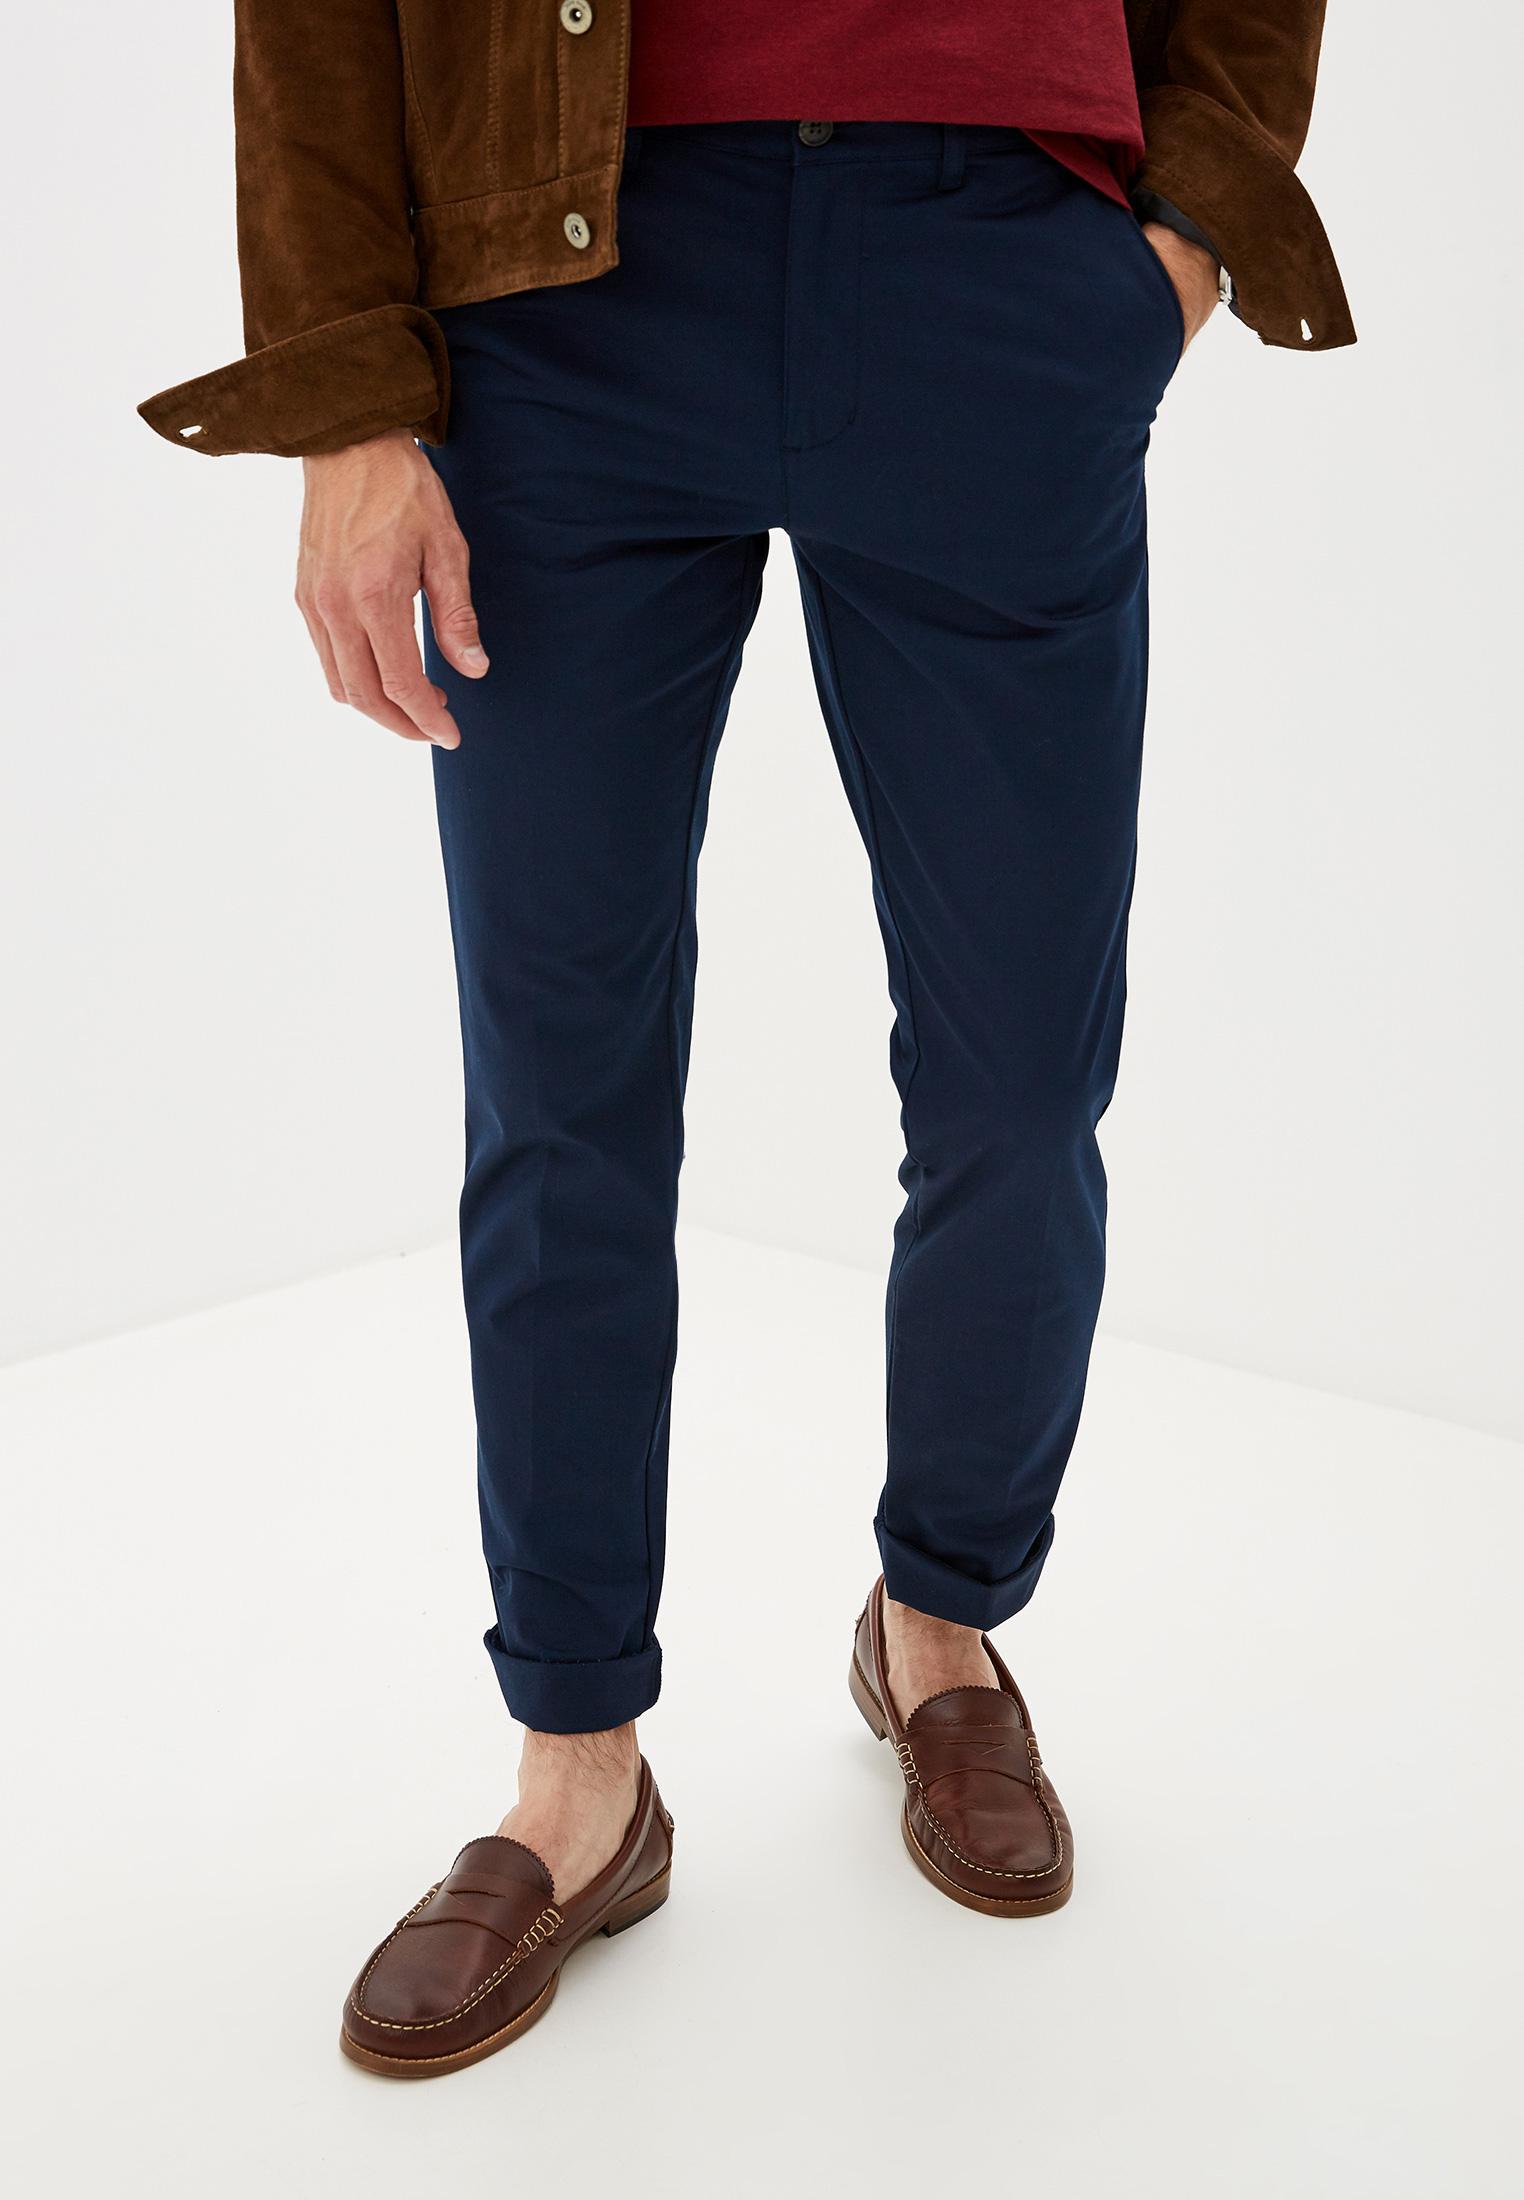 Мужские повседневные брюки O'stin MP4V41